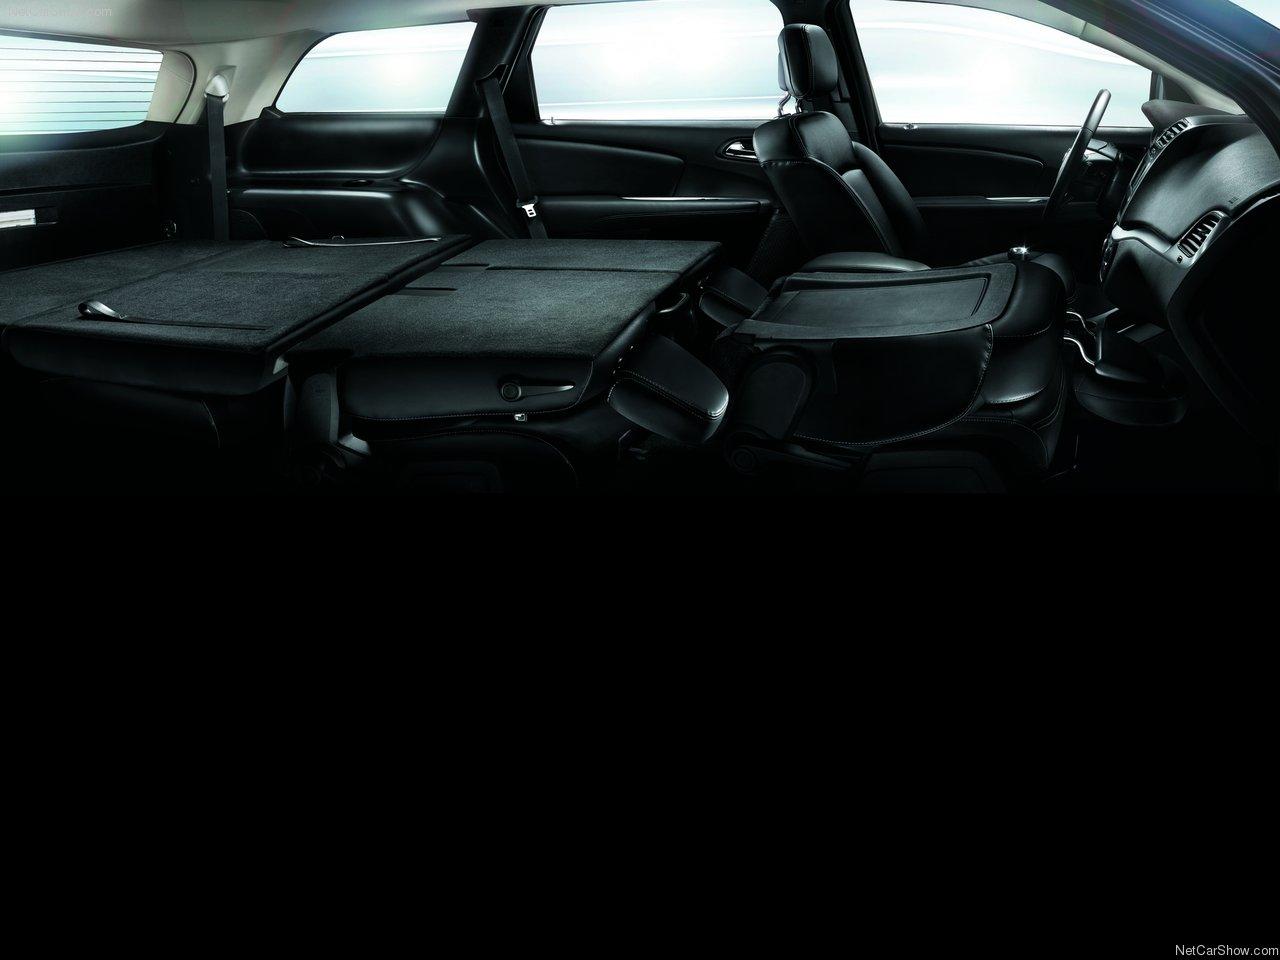 Civic cars concierge 7 2011 Fiat freemont interieur